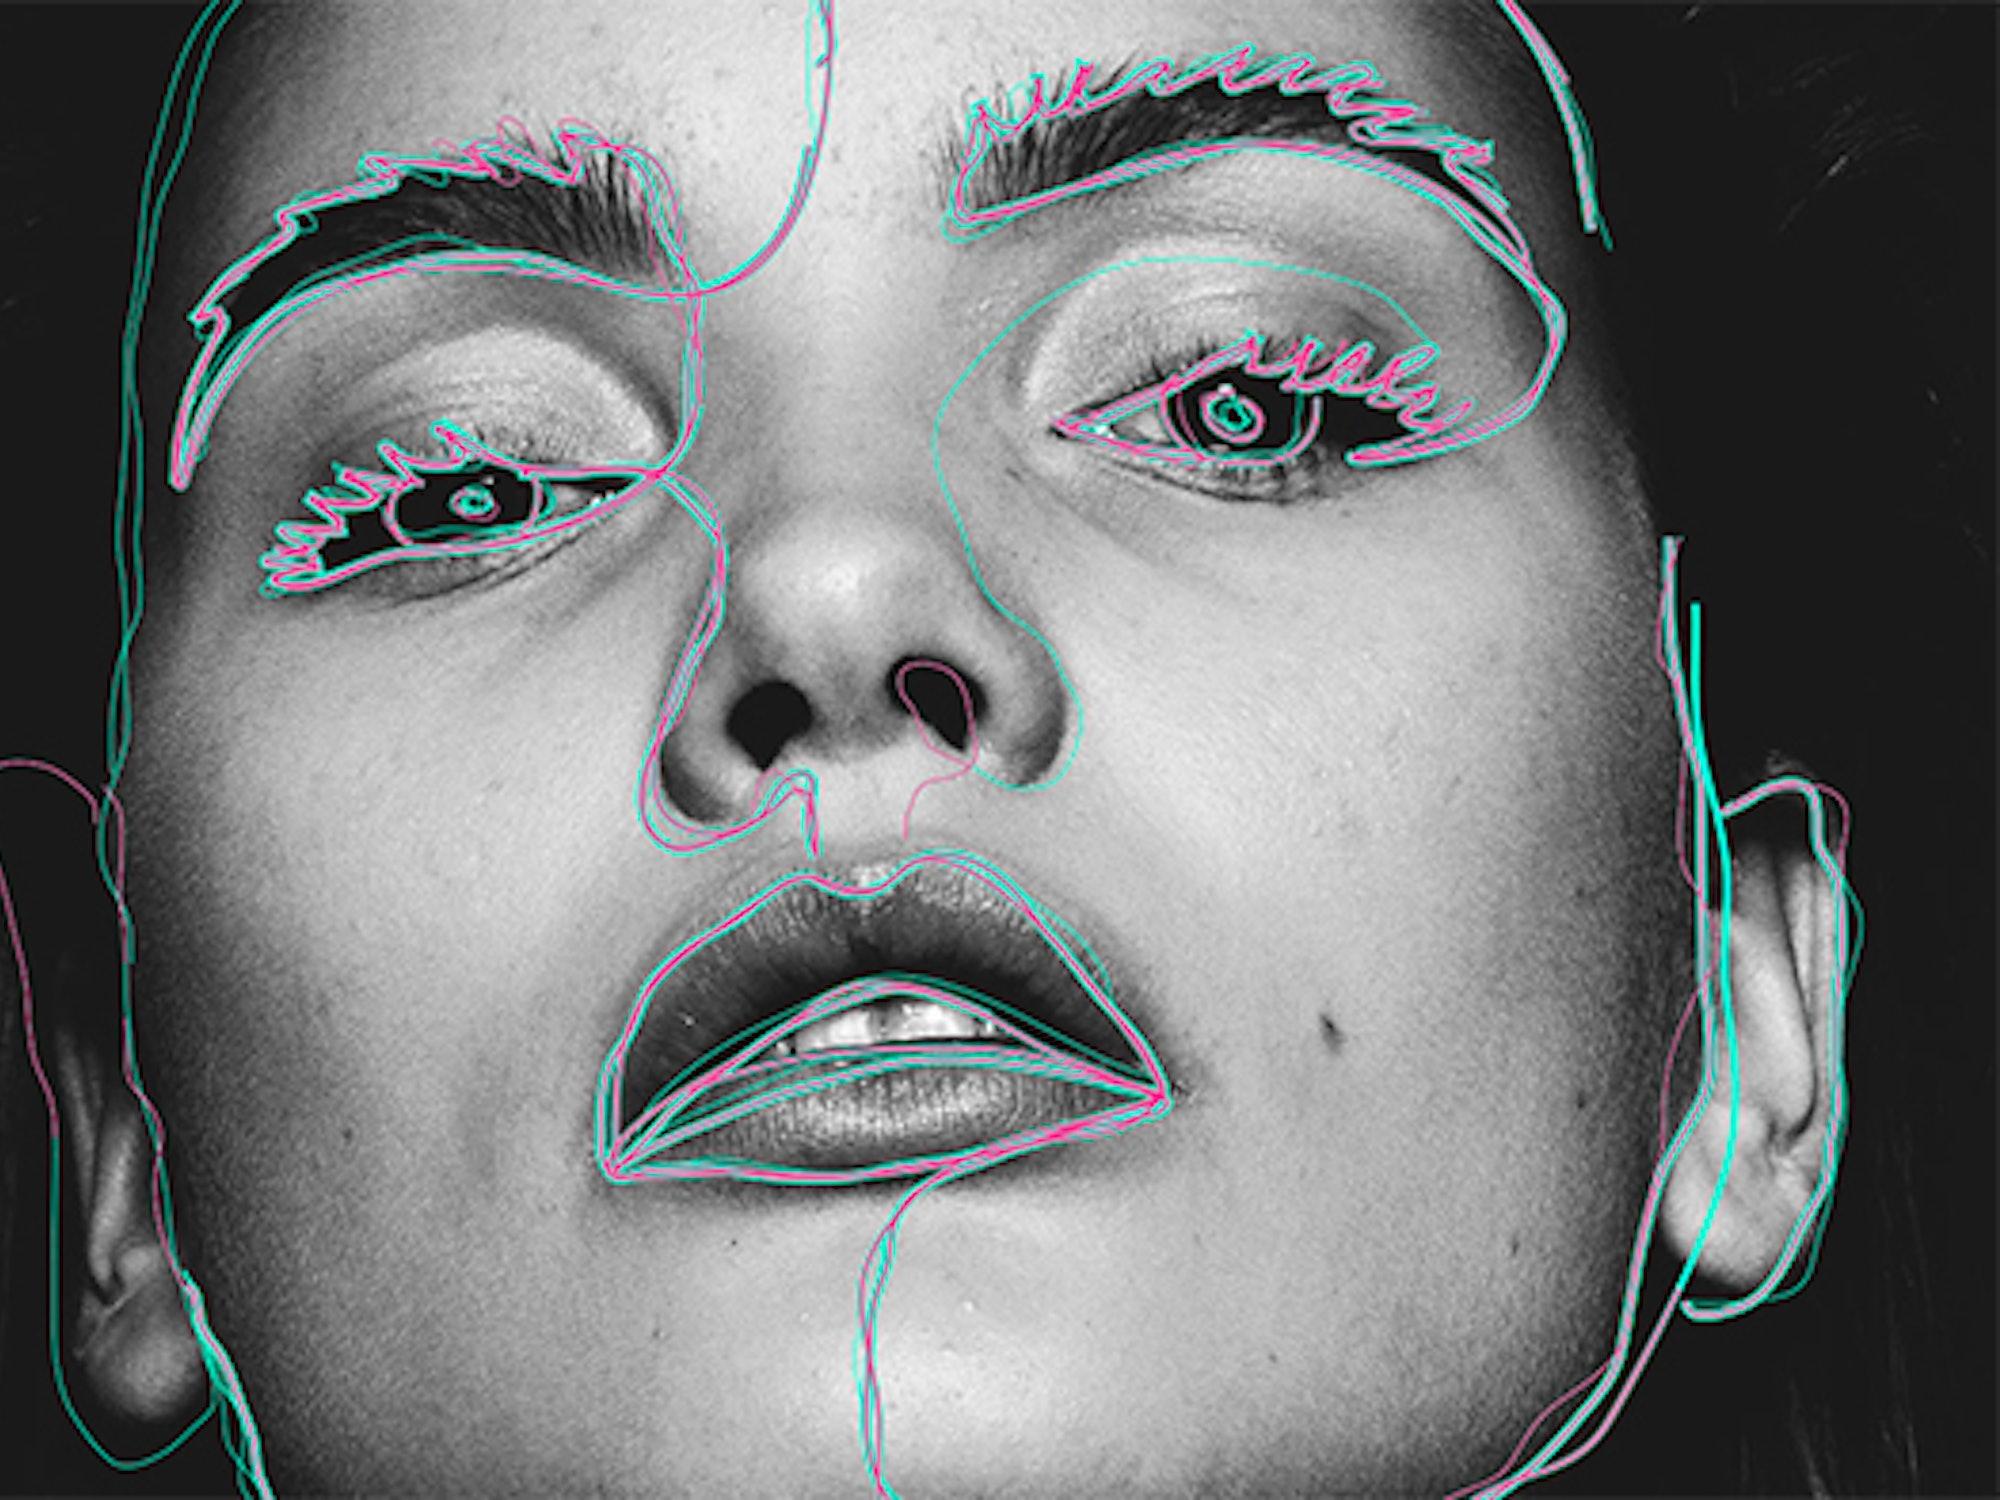 illustrasjon av et kvinneansikt med fokus på øynene